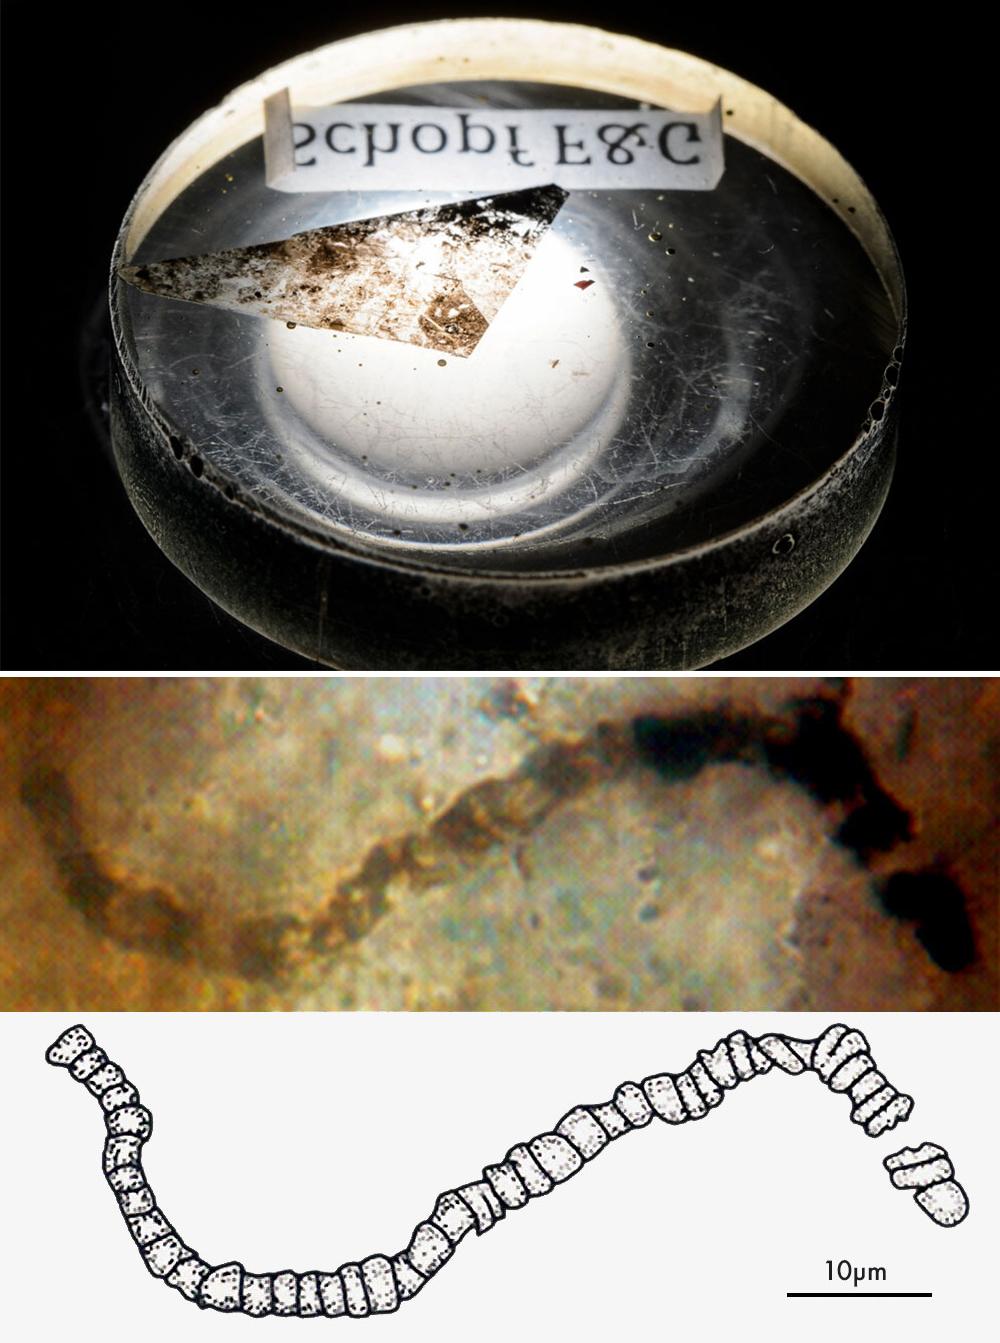 Щепка почти 3,5-миллиардного рока из месторождения Апекс-Черт в Западной Австралии (вверху). Пример одного из микрофоссилий, обнаруженных в образце породы из Apex Chert (внизу).